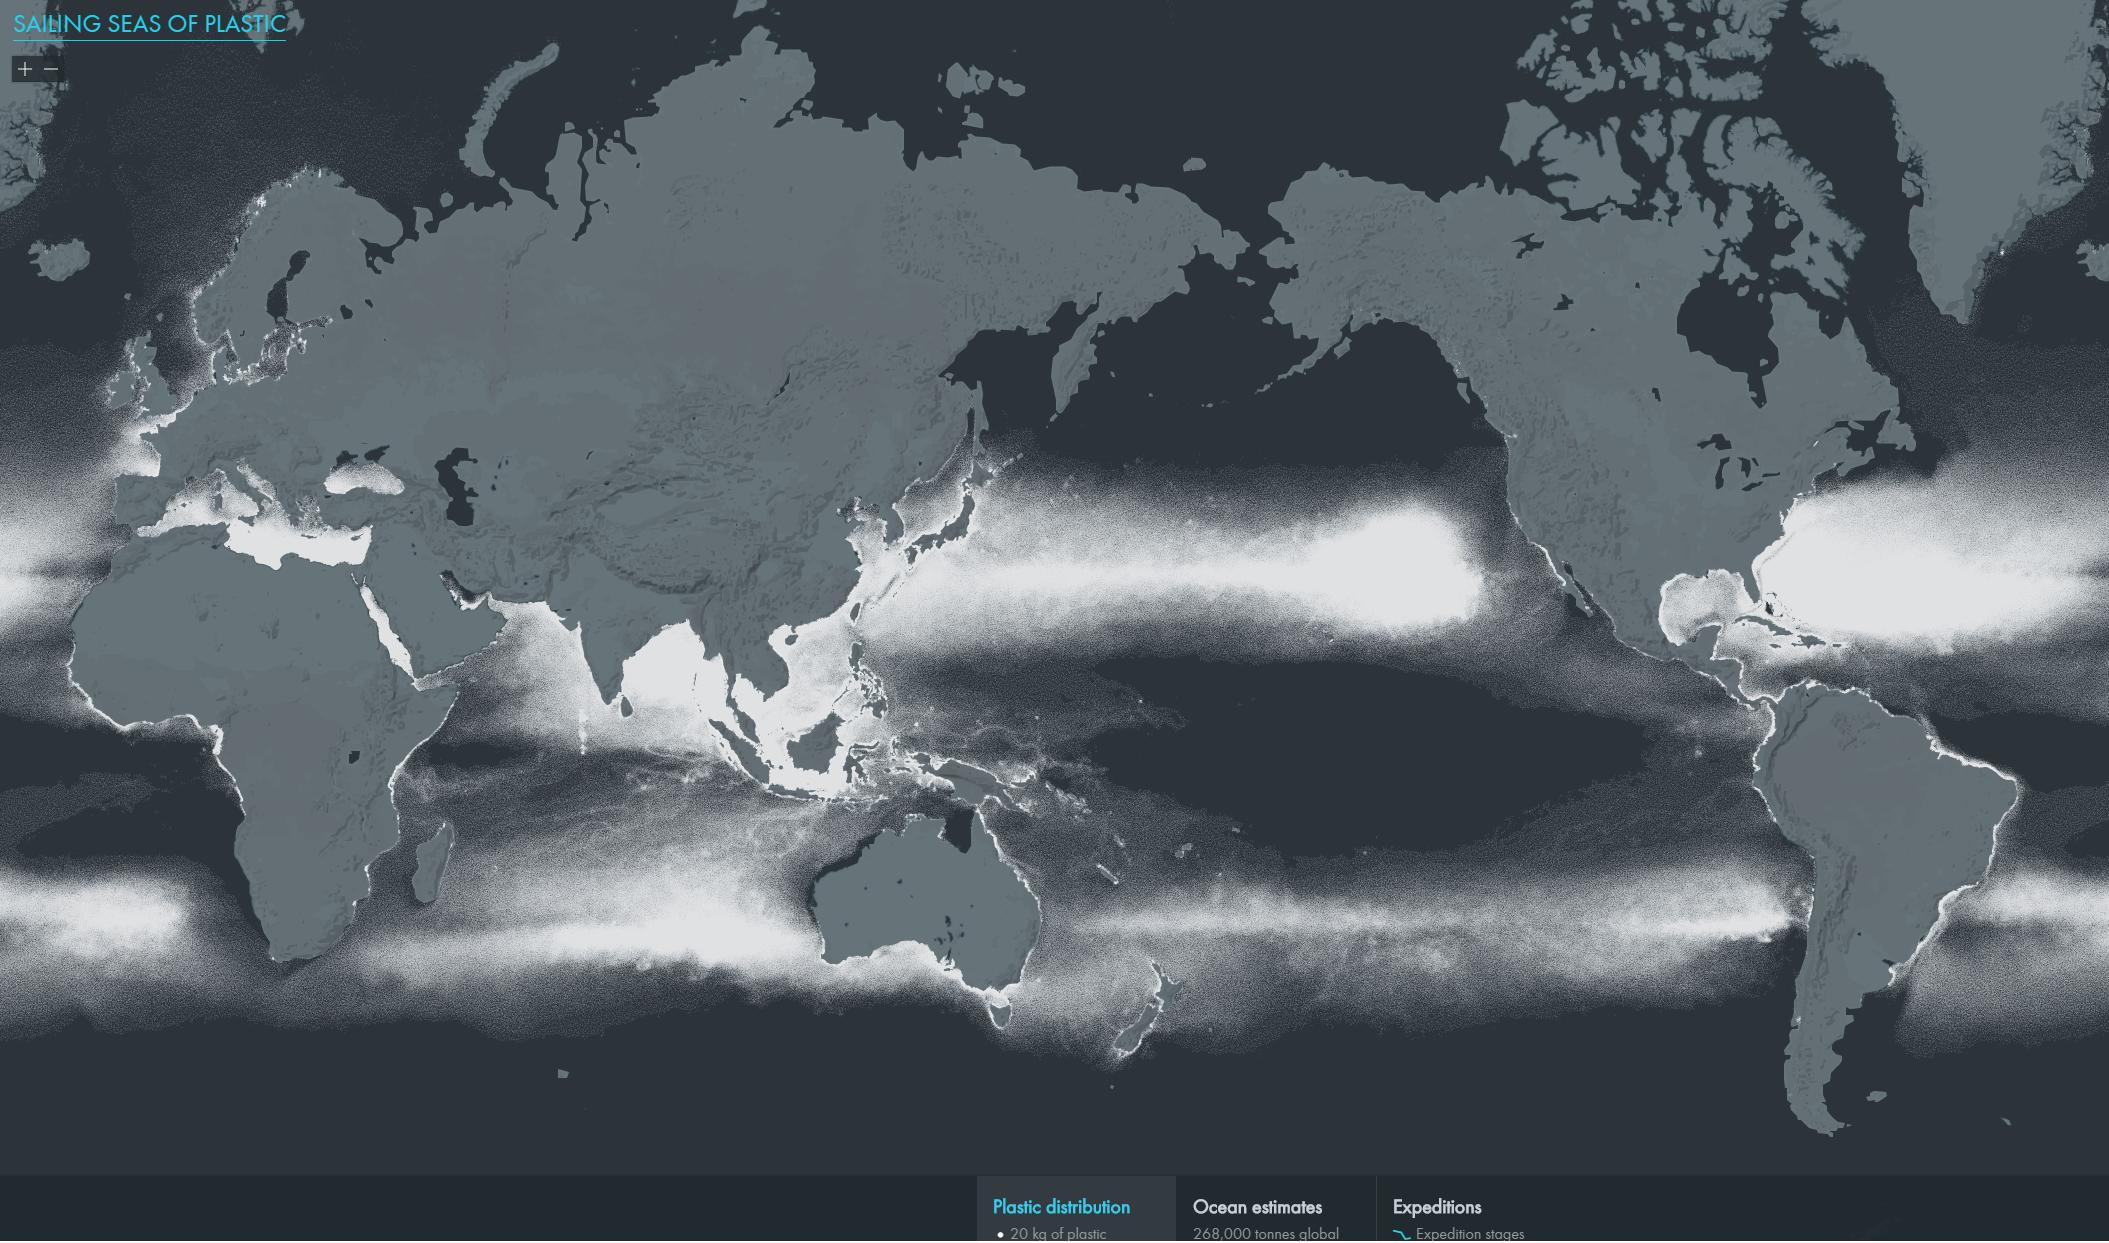 Rédiger un texte pour décrire la répartition spatiale des continents plastiques